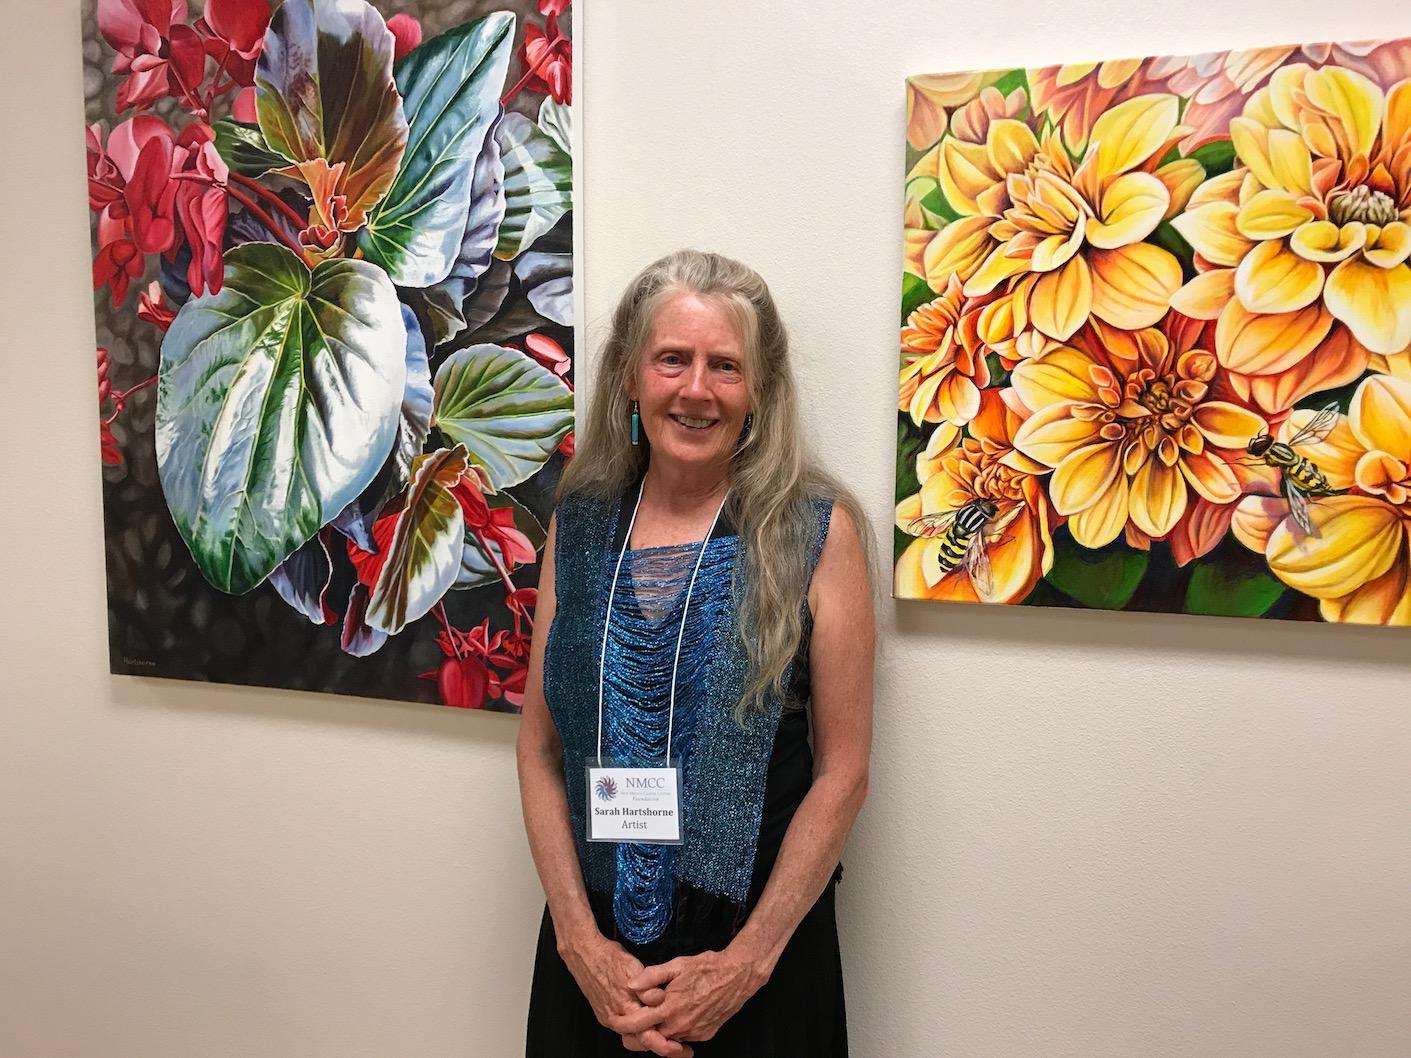 Sarah Hartshorne, artist